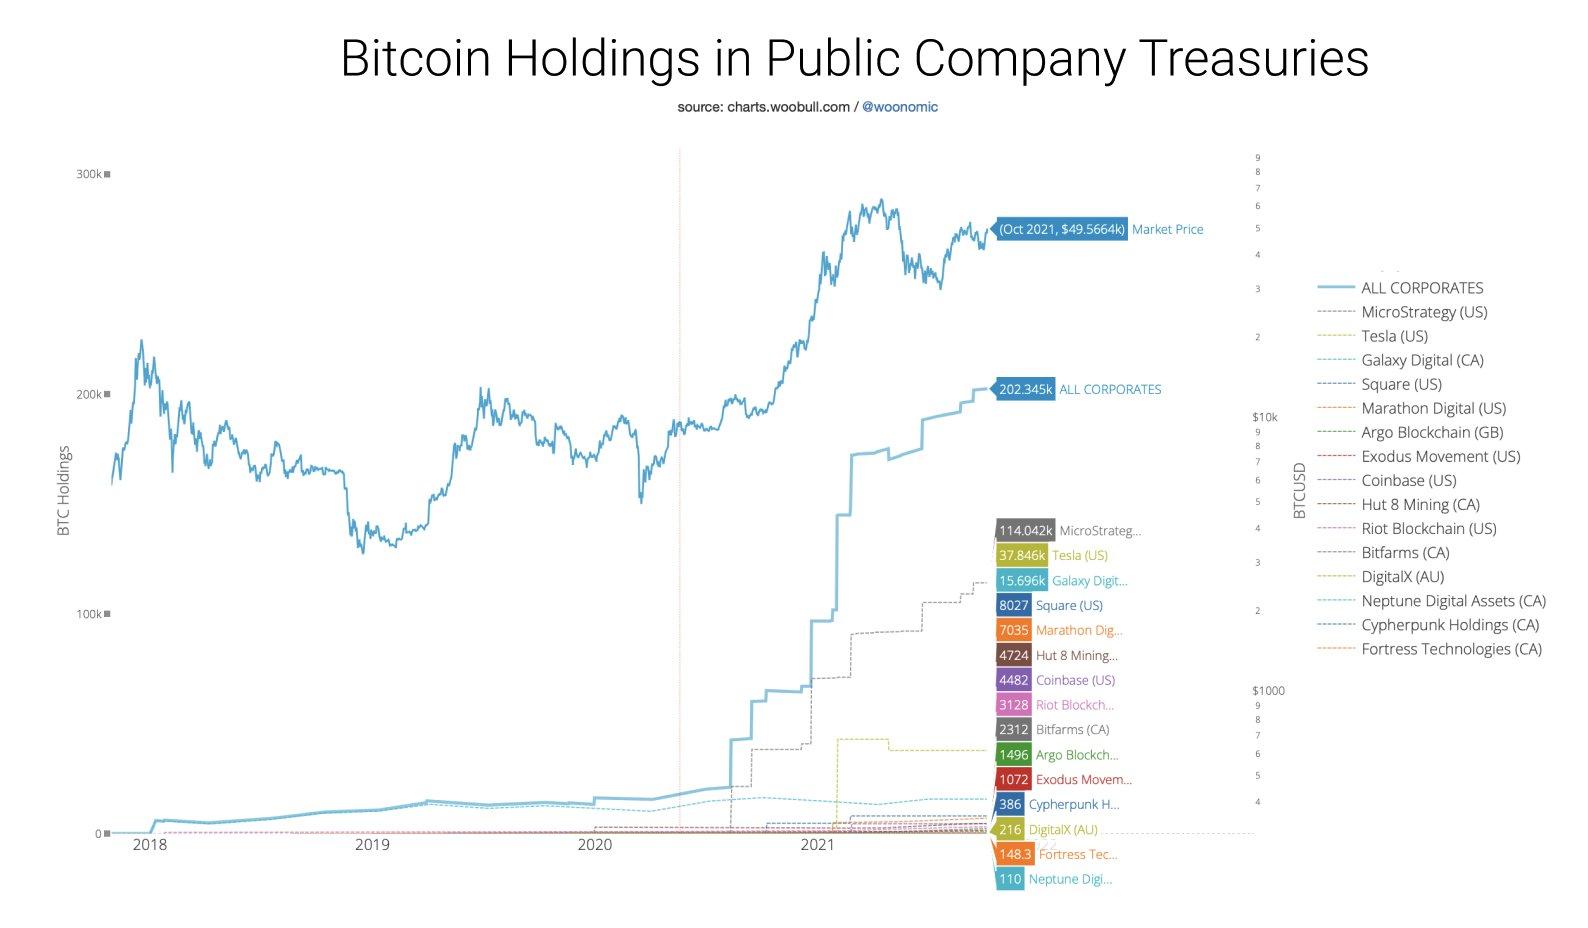 Quantidade de Bitcoin em empresas públicas - Fonte: twitter.com/woonomic/status/1445392269197053960  a quantidade de Bitcoins em títulos de empresas públicas excedeu 200.000 BTC.